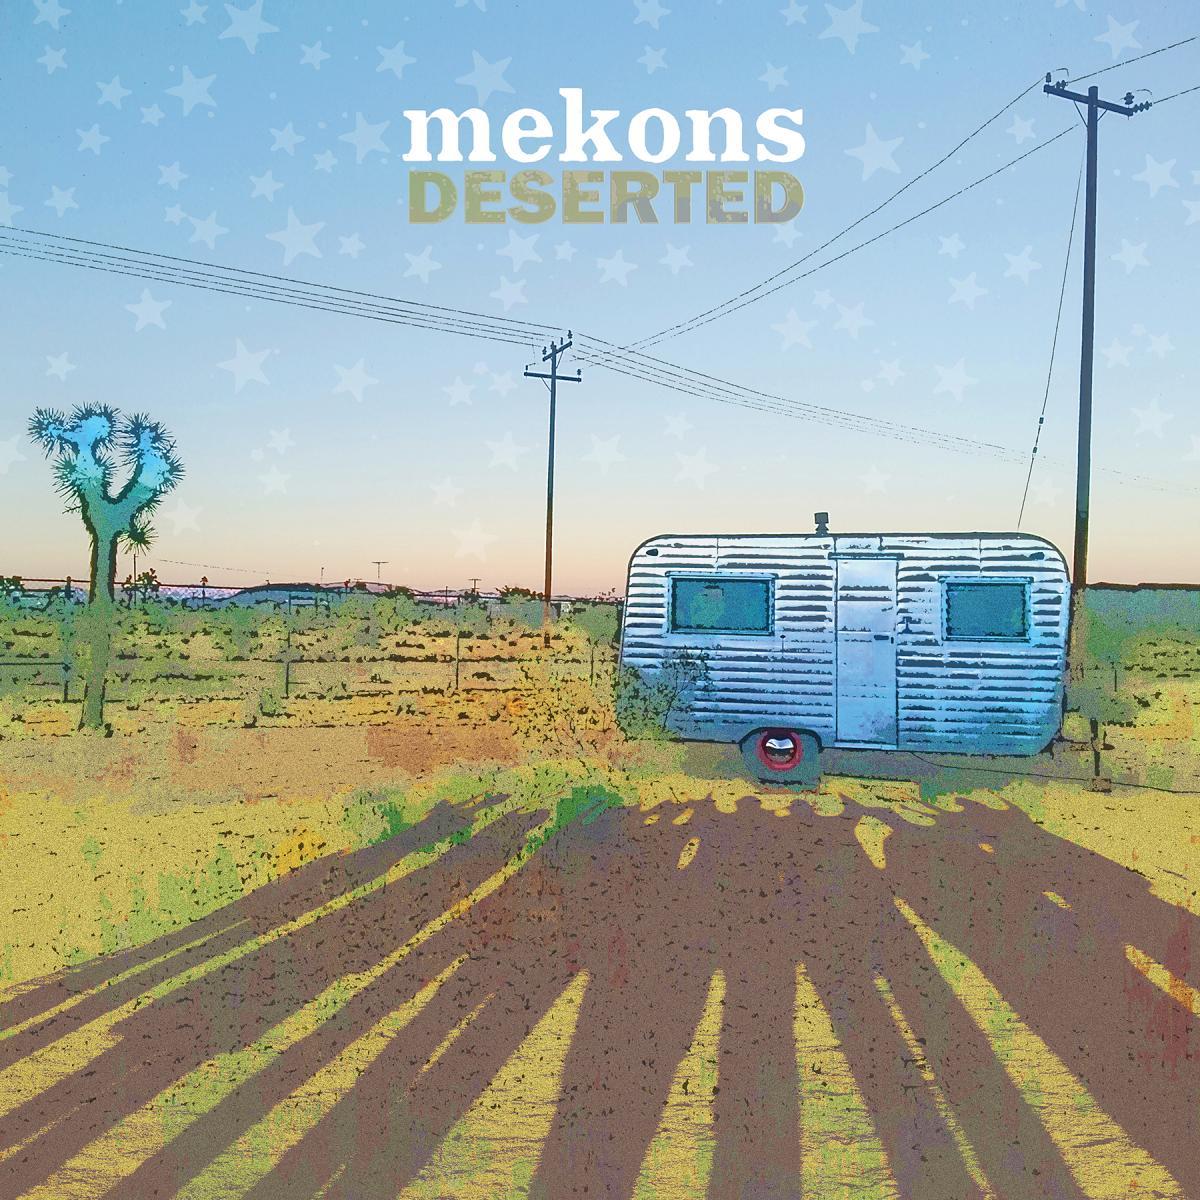 Mekons Deserted